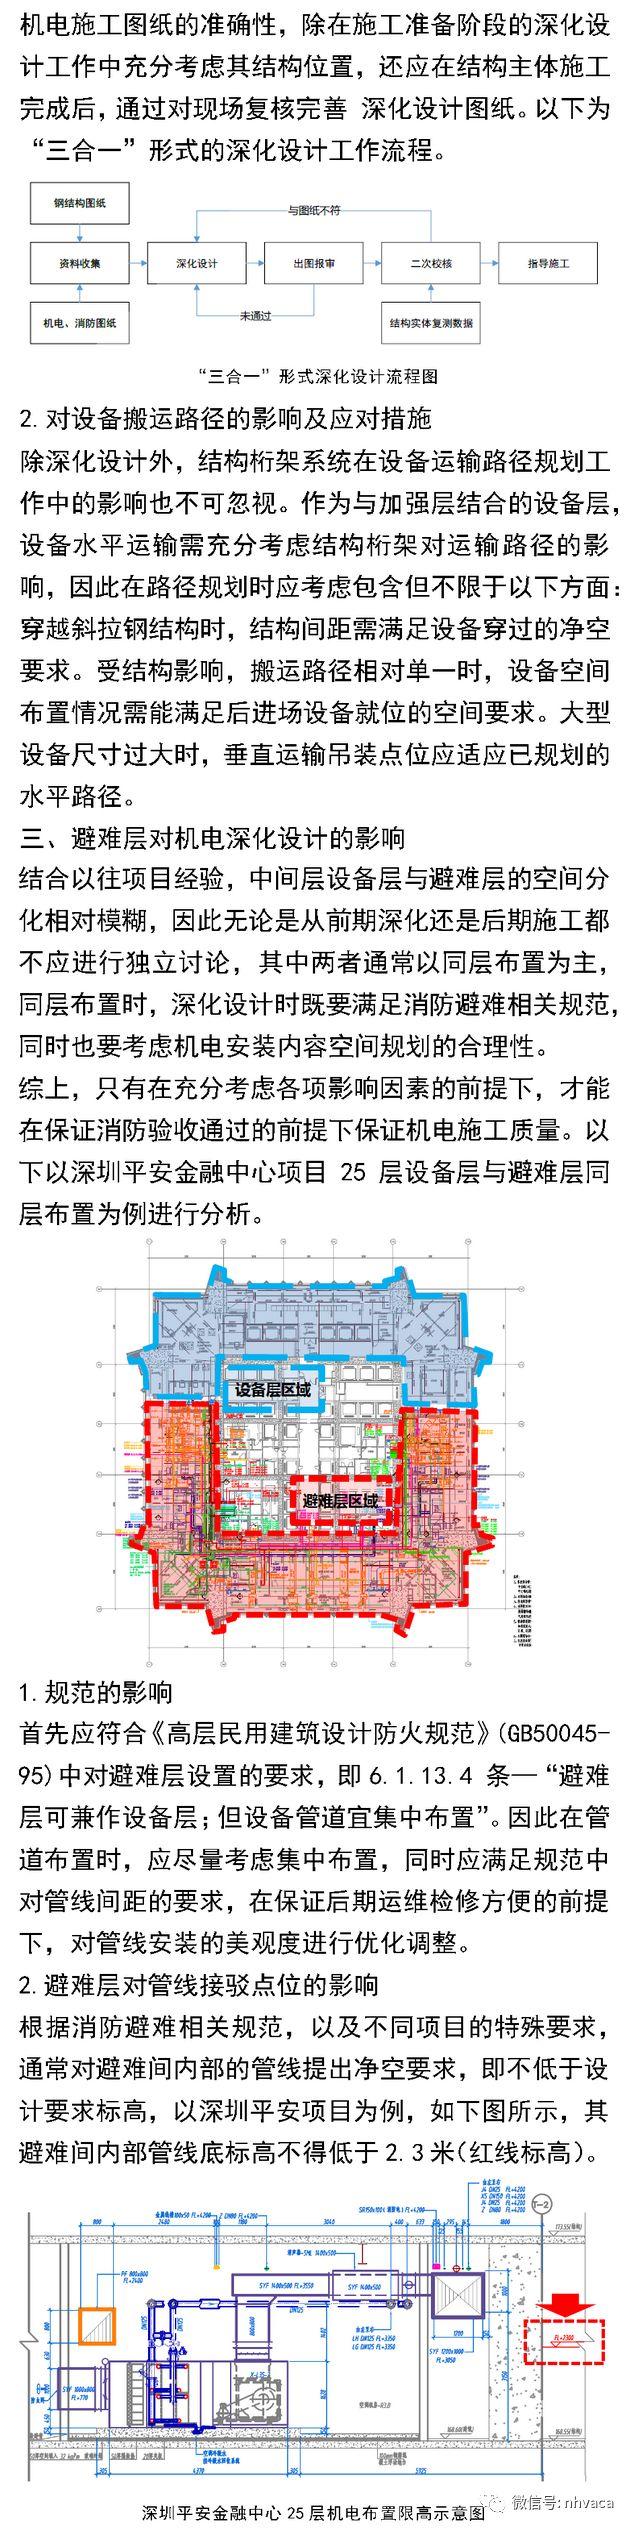 超高层中间设备层机电安装技术指南_6